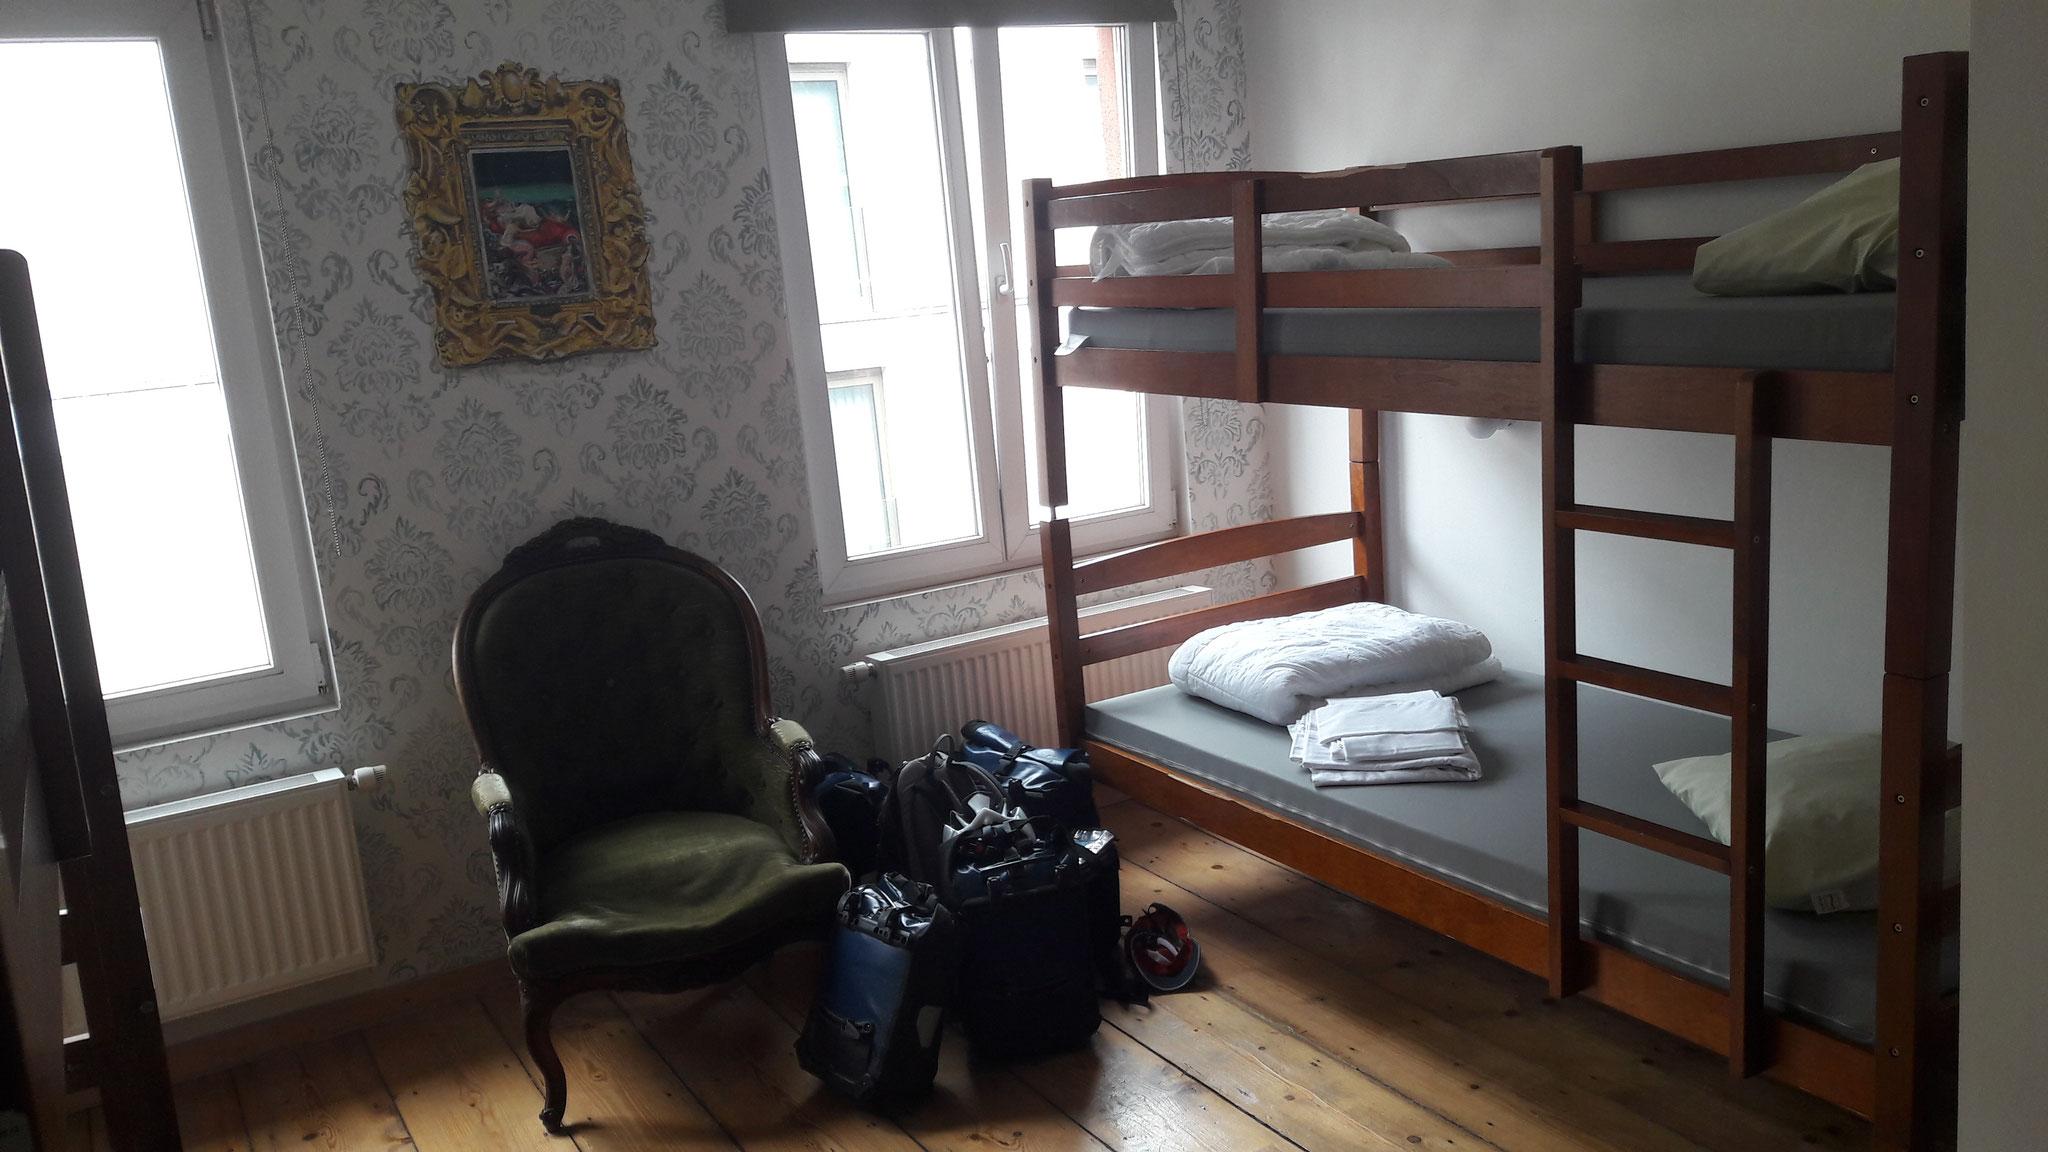 Mein 6er Zimmer teile ich mir mit dem Franzosen Oliver (mit asiatischen Hintergrund)